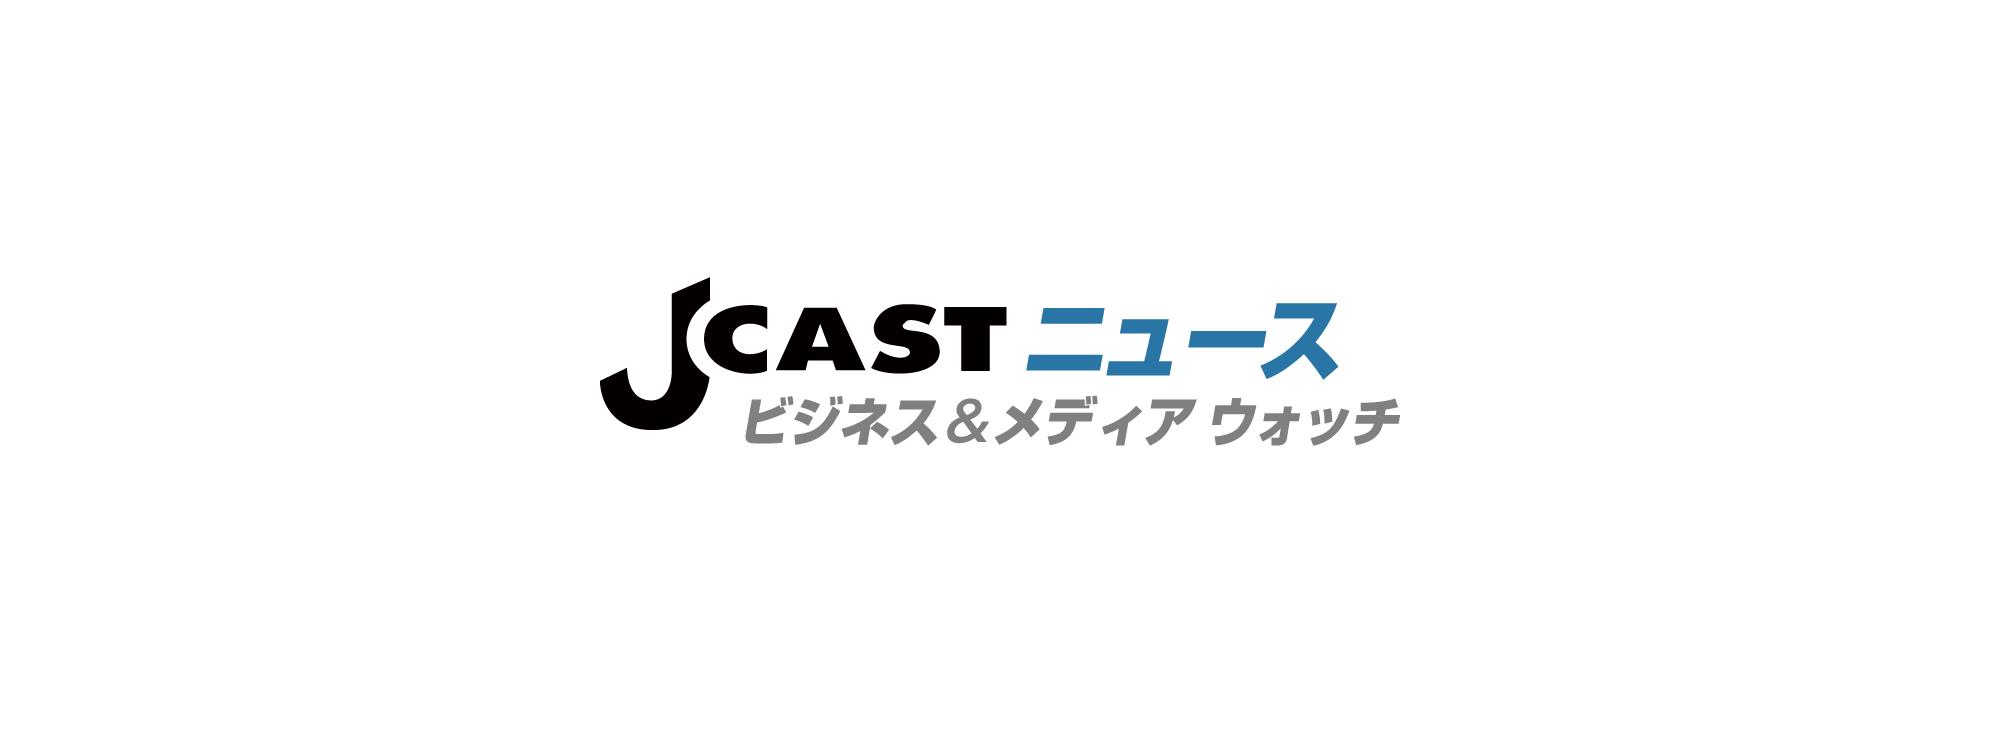 日本の影響で韓国サポーターも試合後ゴミ拾い ただし、ソウルのW杯応援会場だった : J-CASTニュース